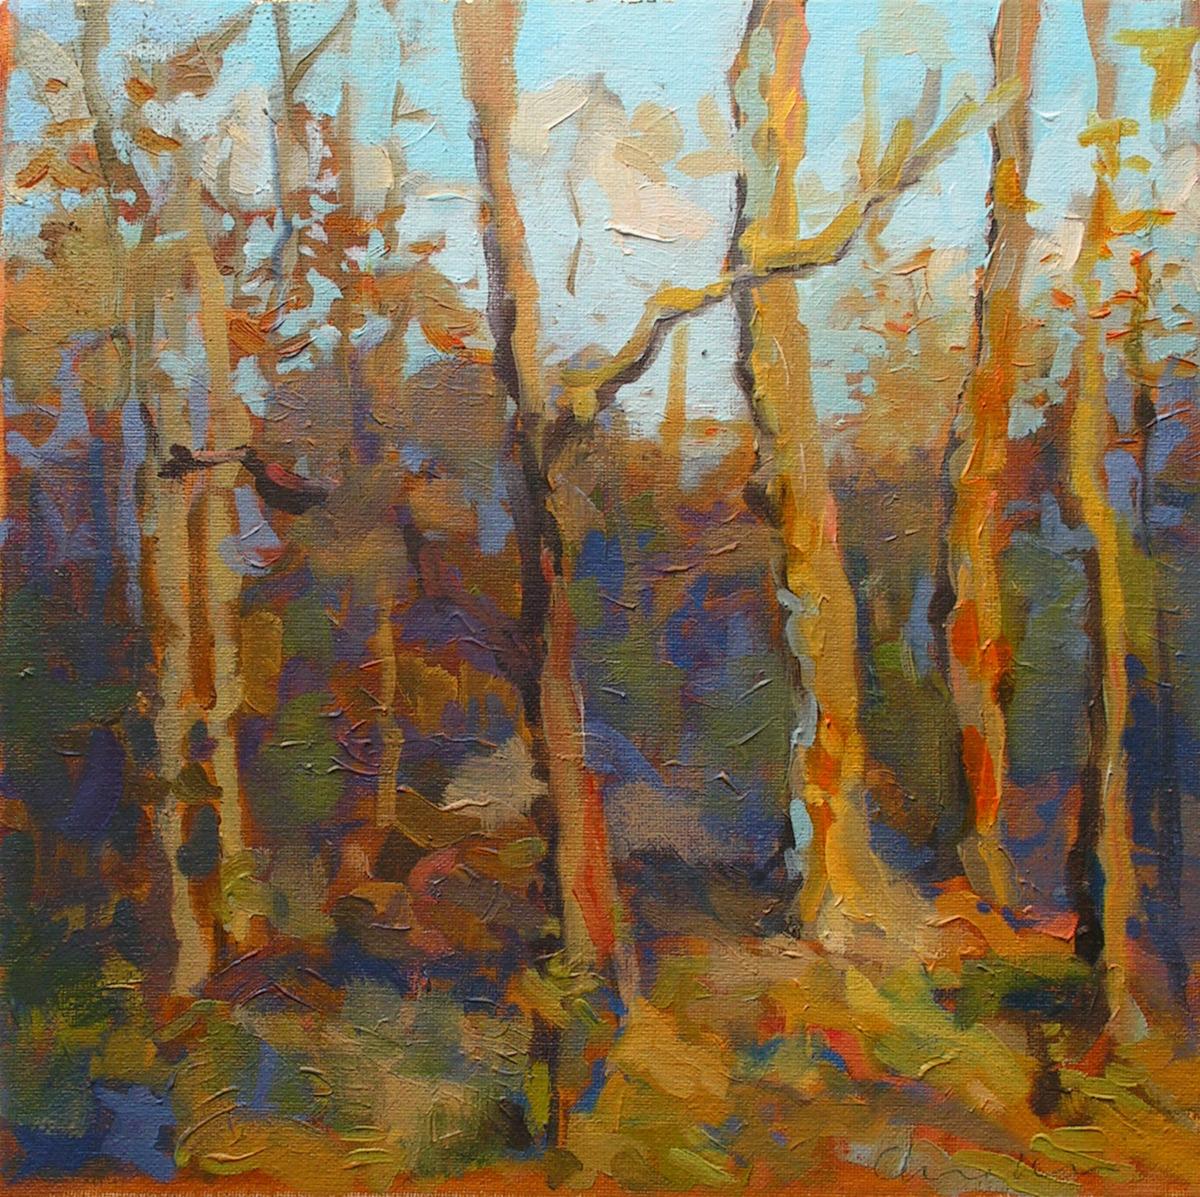 Poconos Autumn Woods (large view)